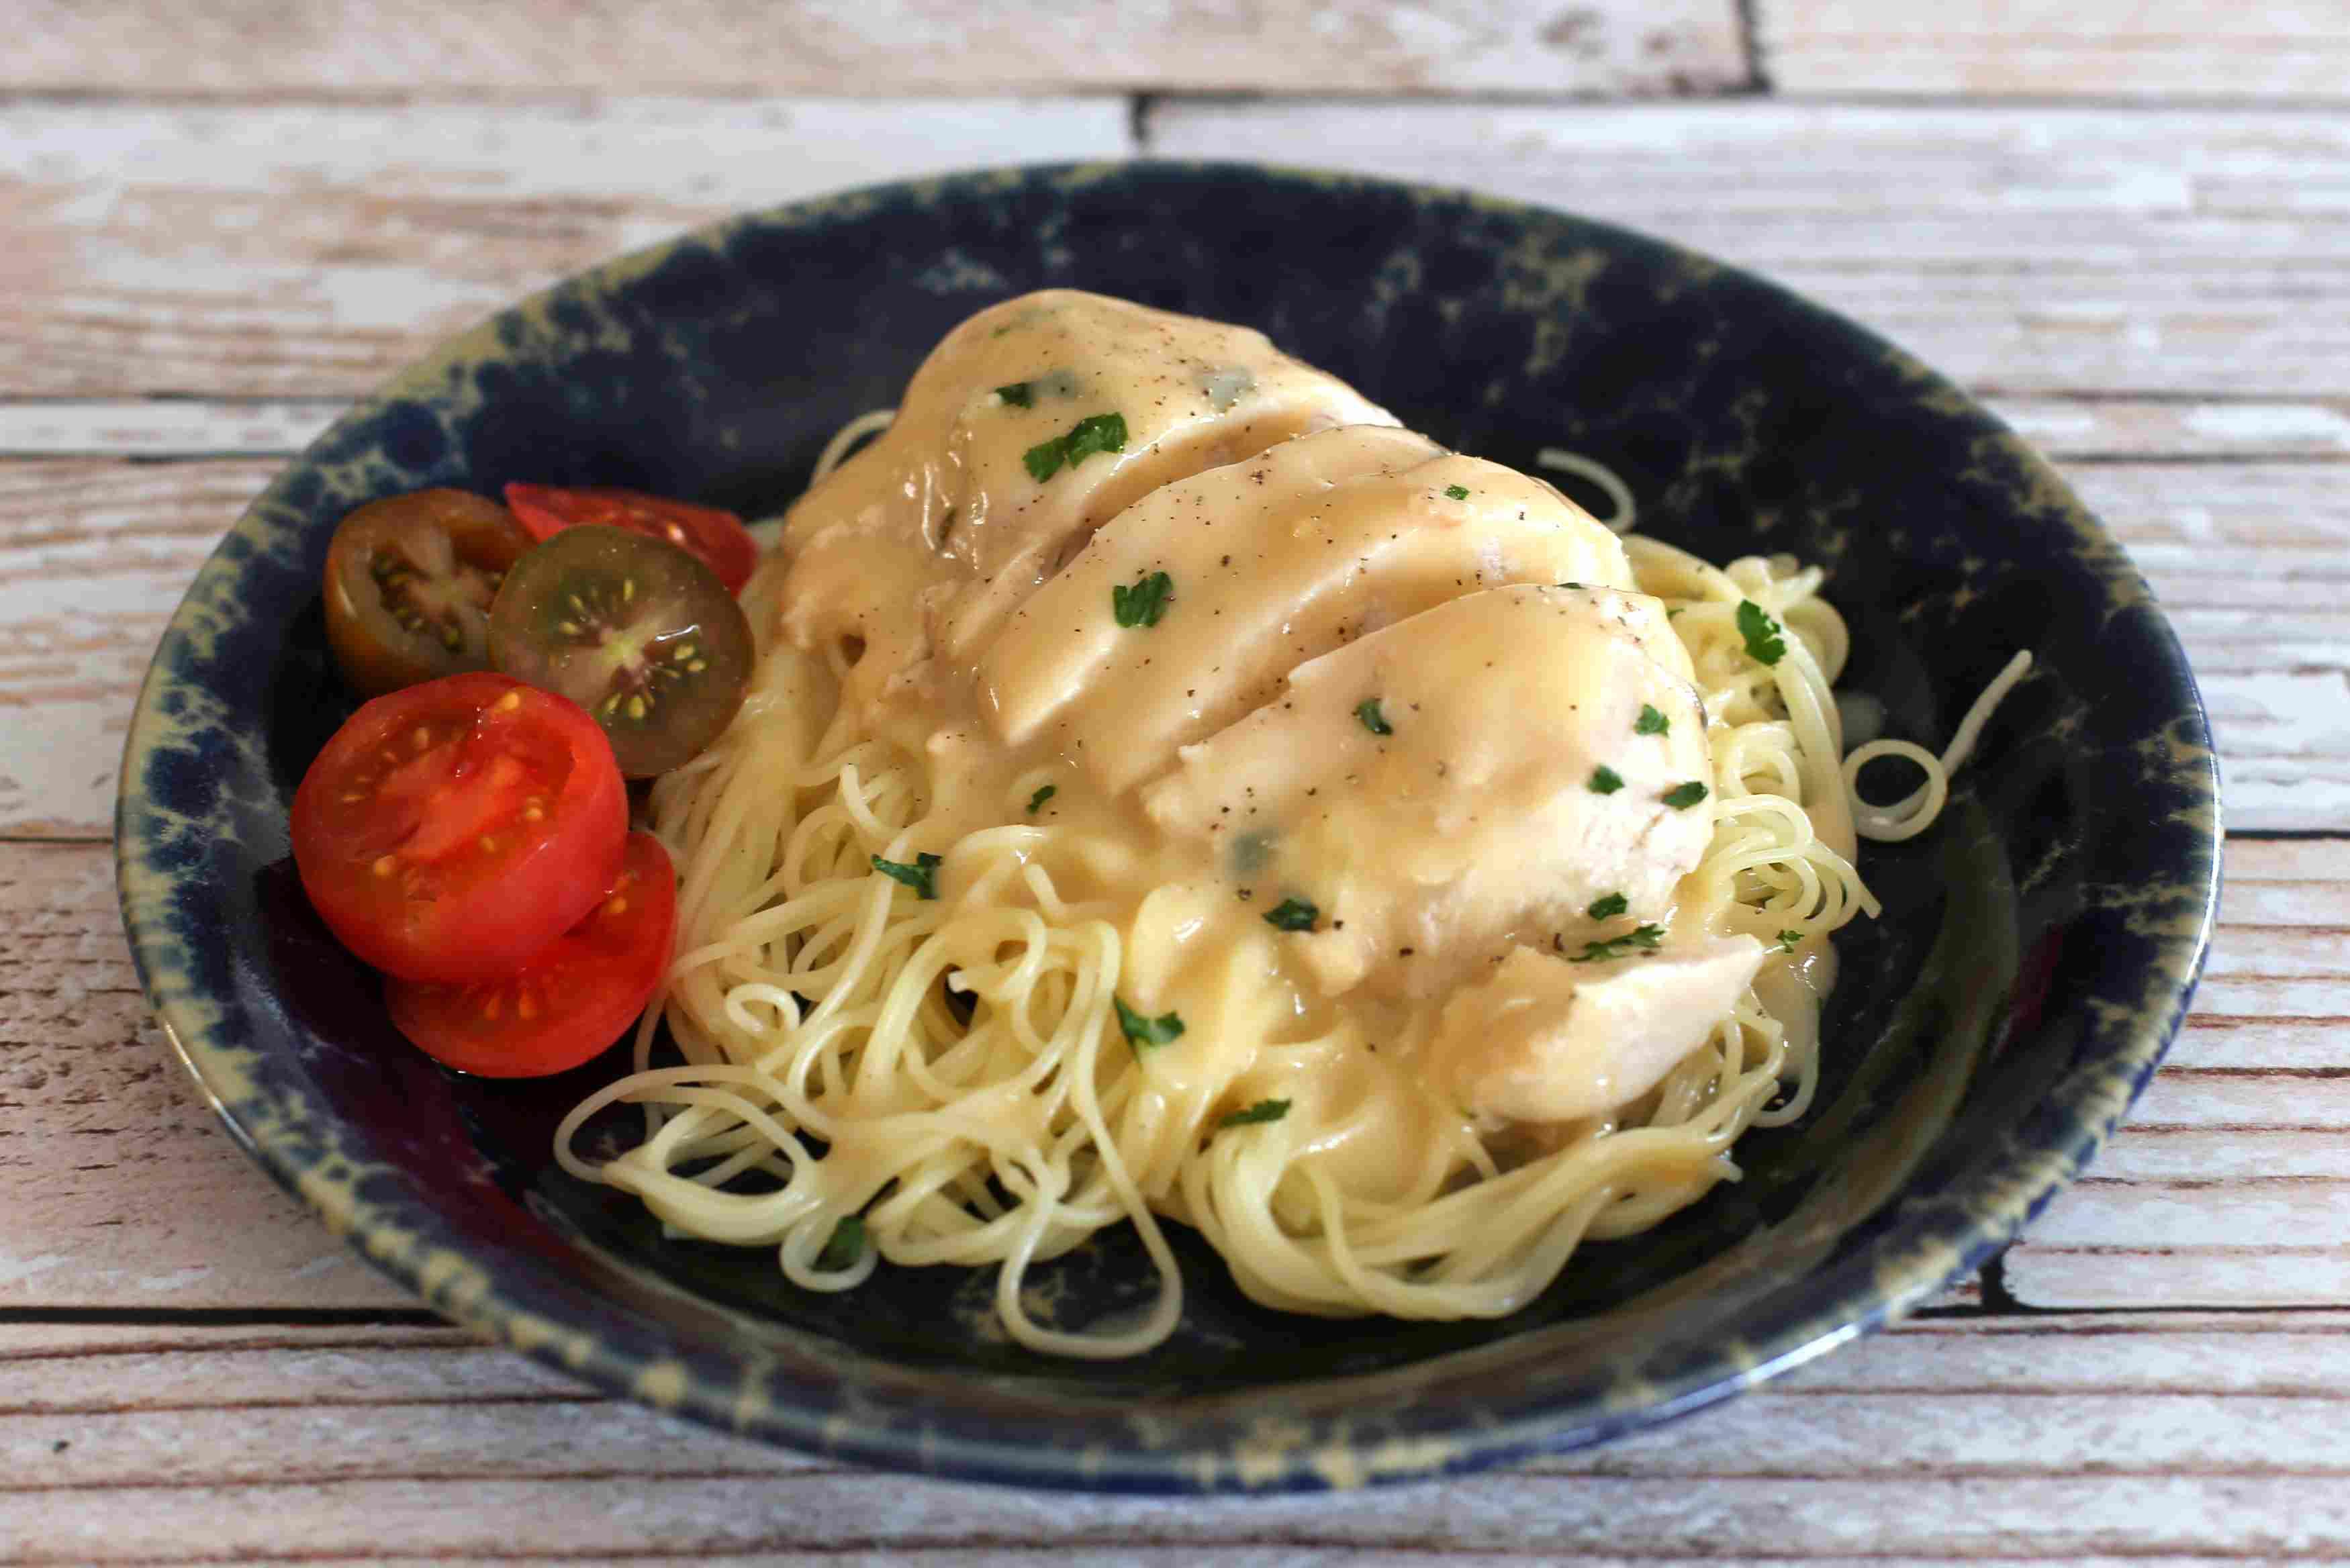 Crock Pot Cheesy Chicken over spaghetti noodes